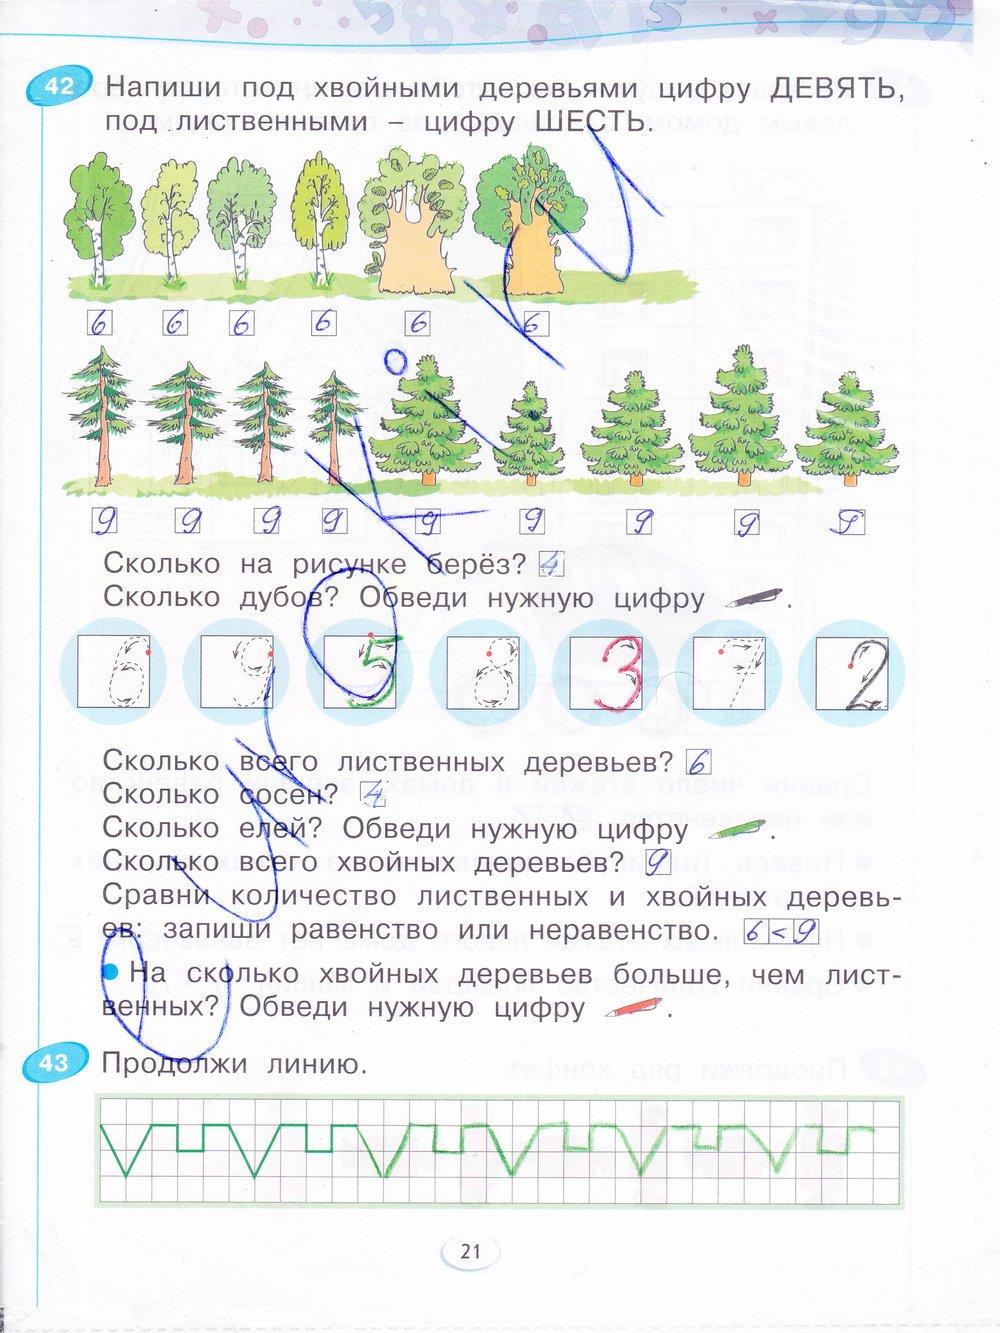 класс 1 решебник бененсон рабочая тетрадь по математики